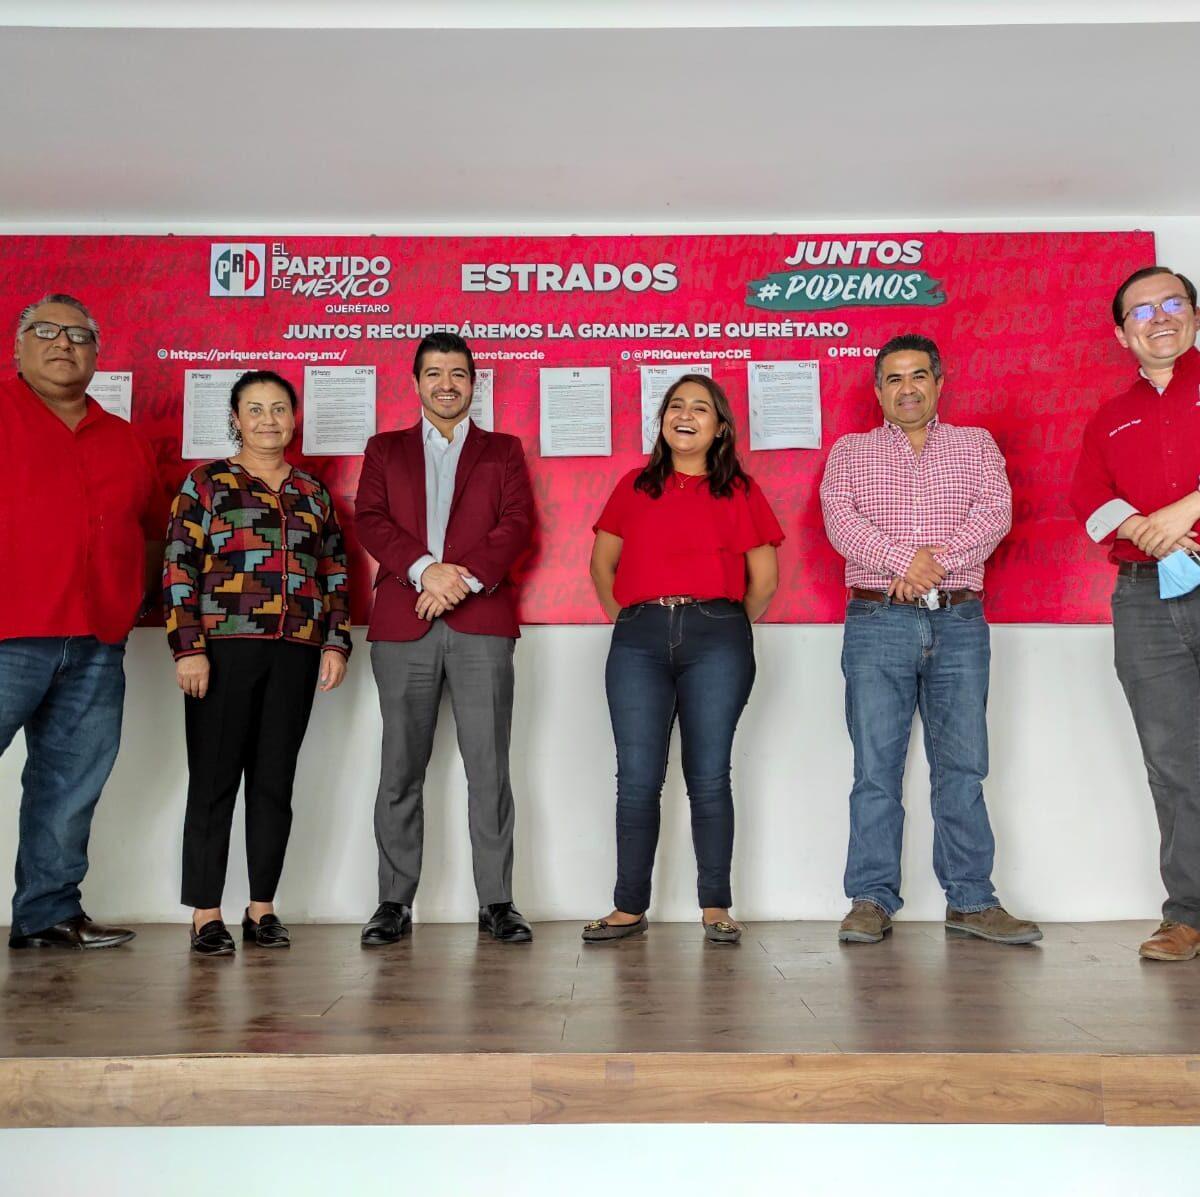 Con el 52% de apoyo de consejeros, Abigail Arredondo se registra como candidata a la presidencia del PRI